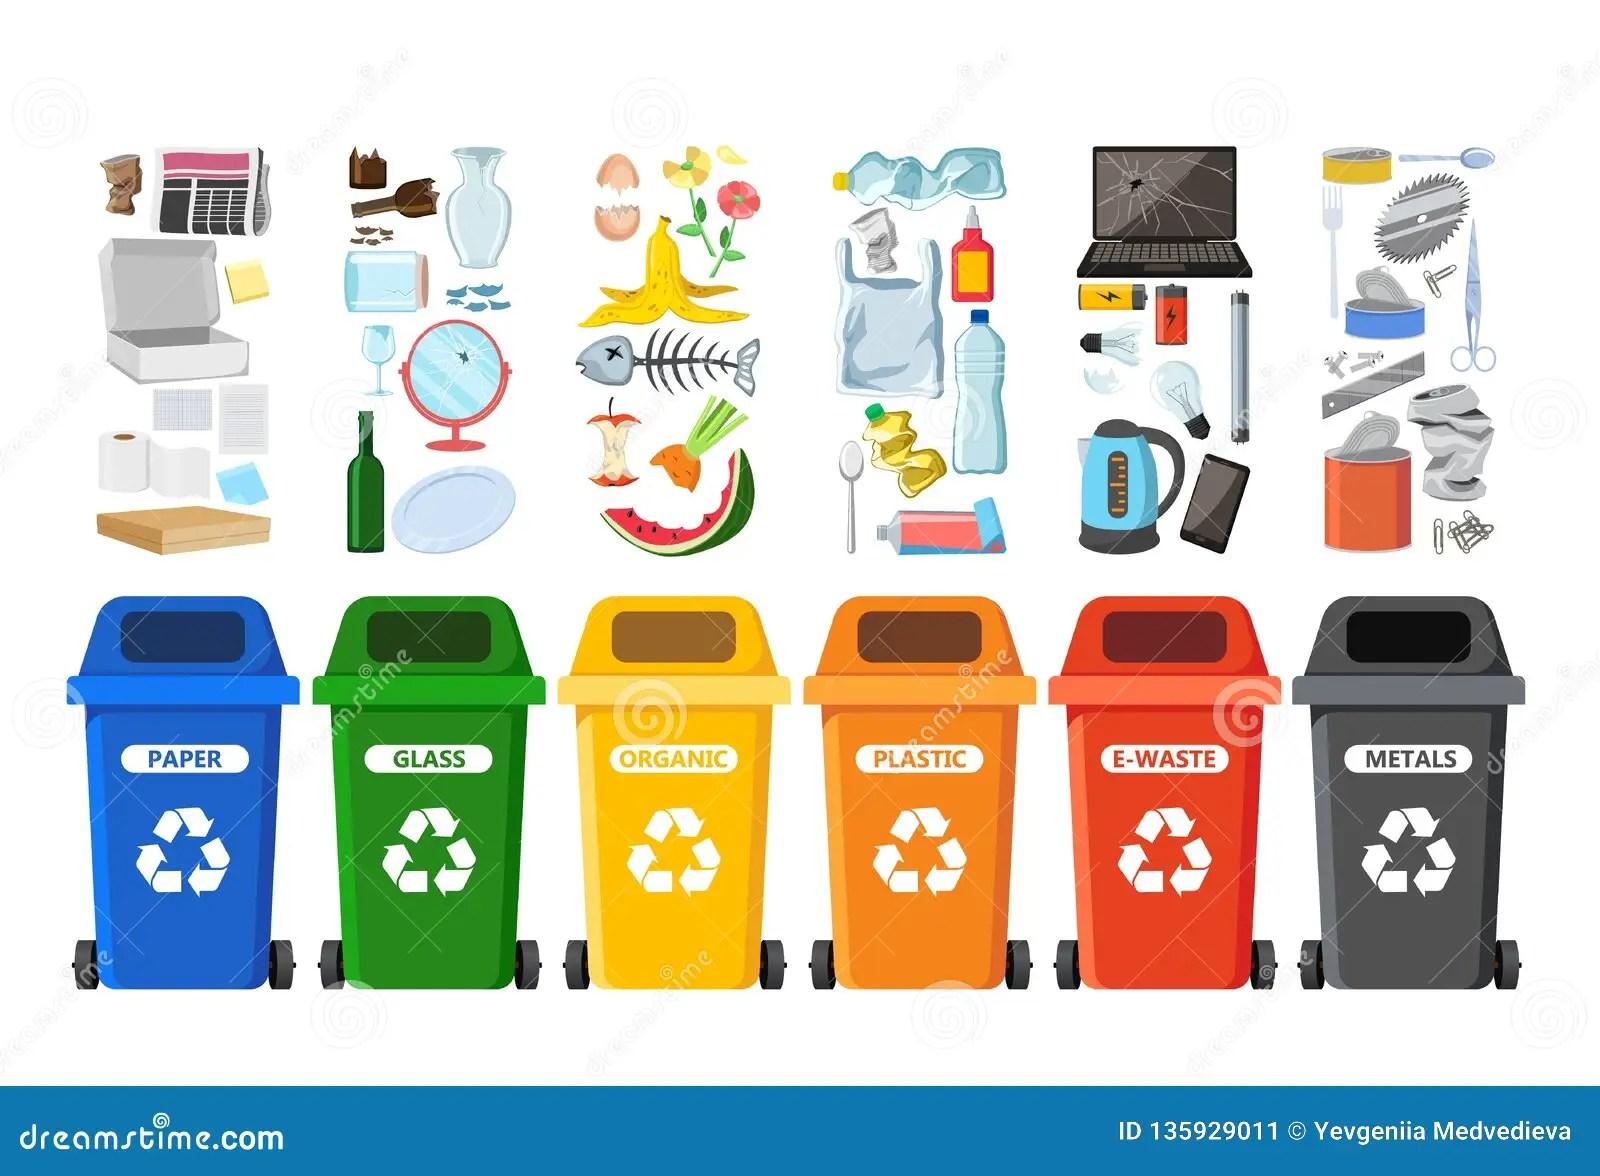 Vuilnisbakken Voor Het Recycling Van Verschillende Types